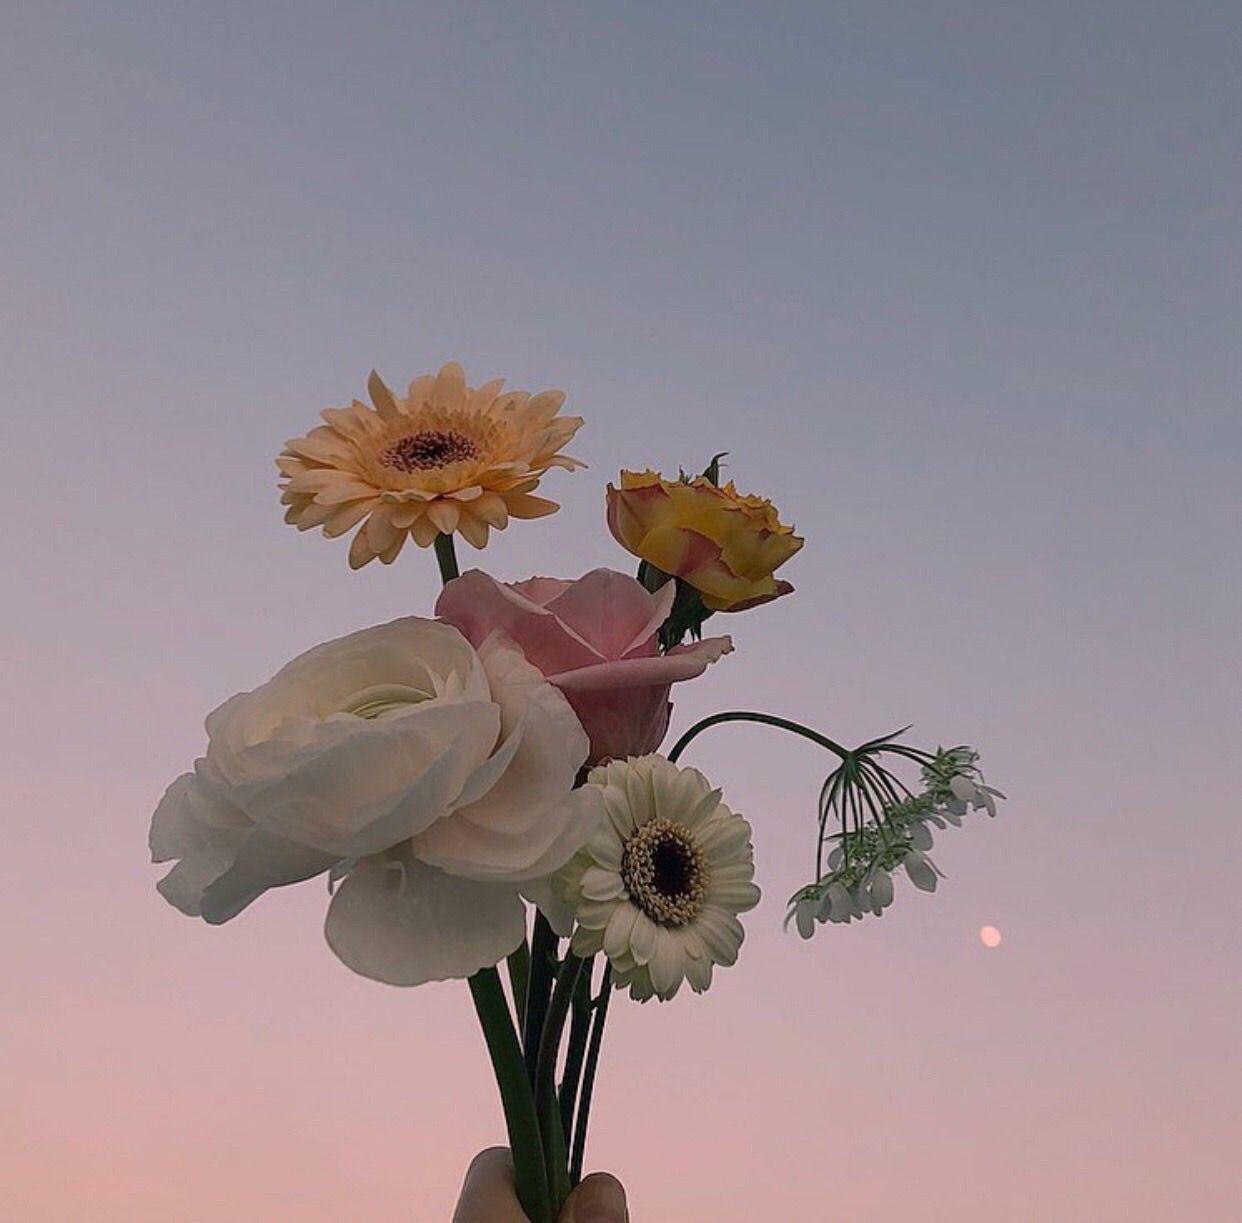 flower aesthetic nature